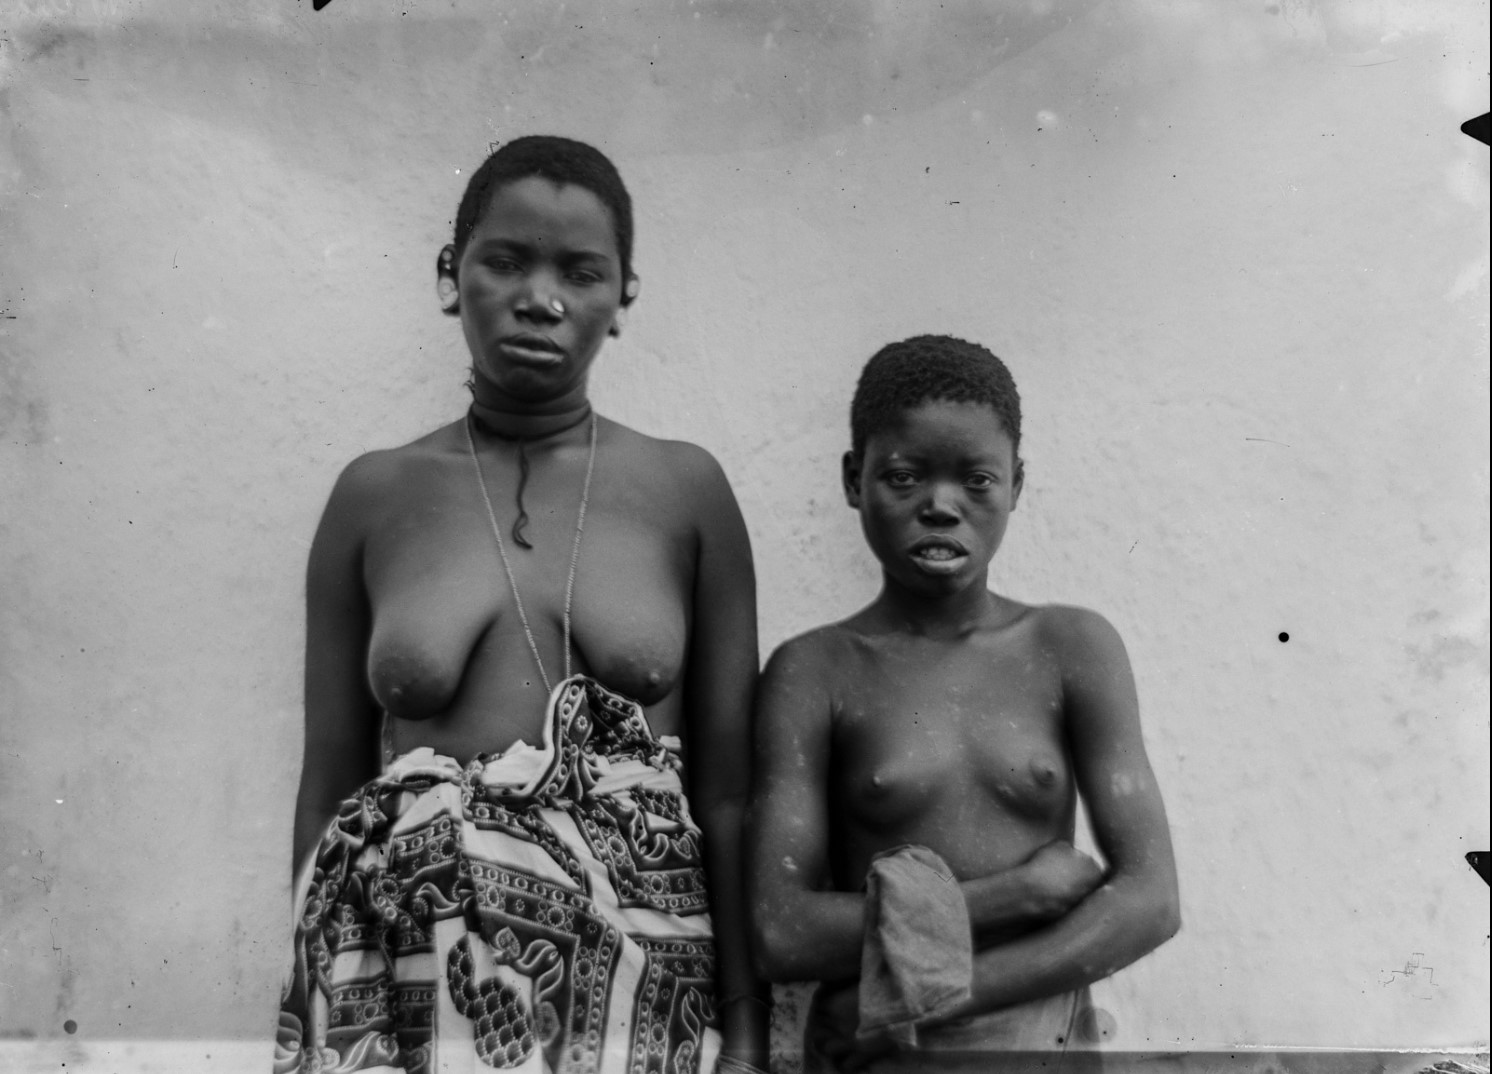 93. Антропометрическое изображение женщины и девушки